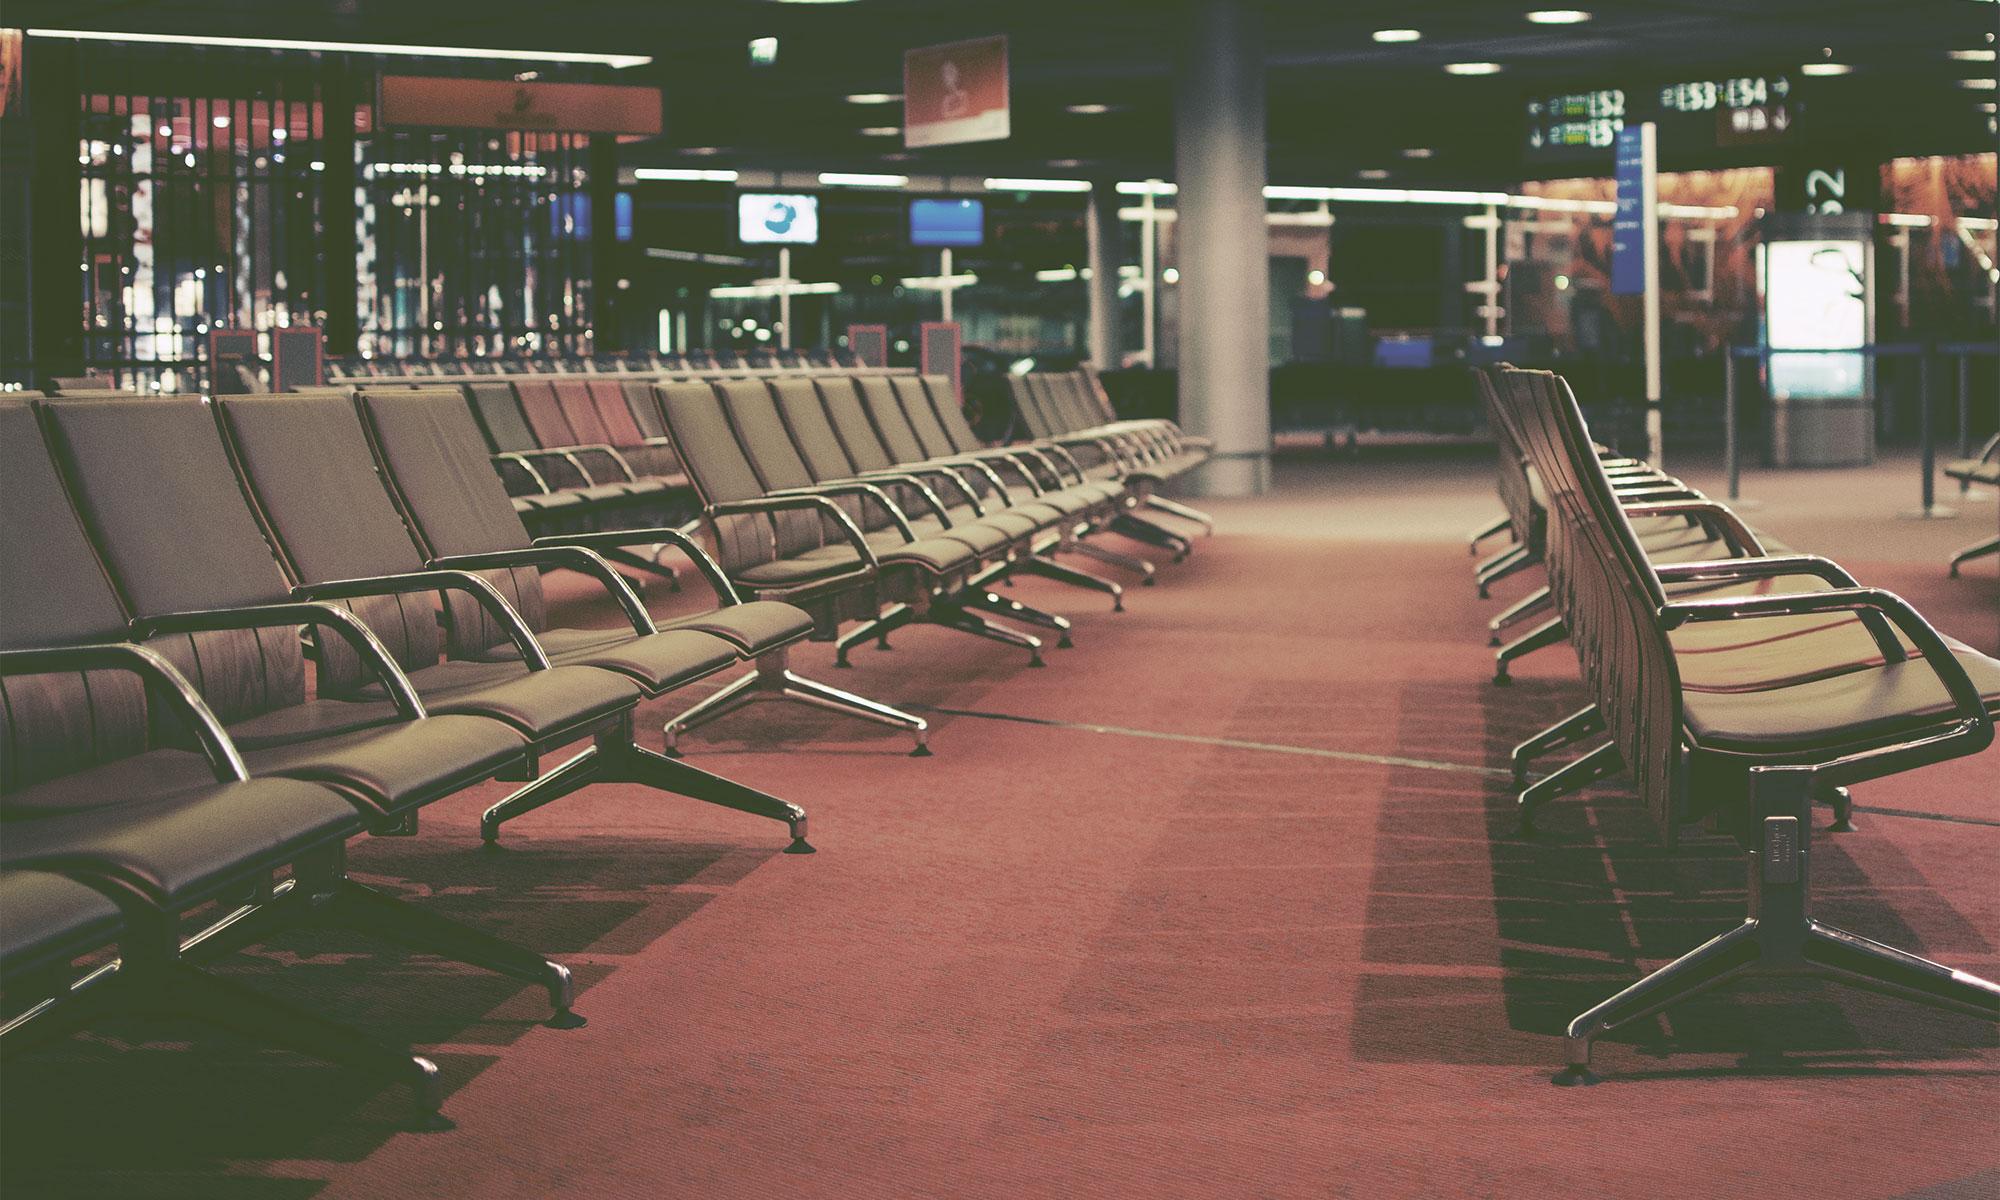 夜のシャルルドゴール空港 誰もいない出発ラウンジ 撮影:NIKON D90 + NIKKOR 35mm